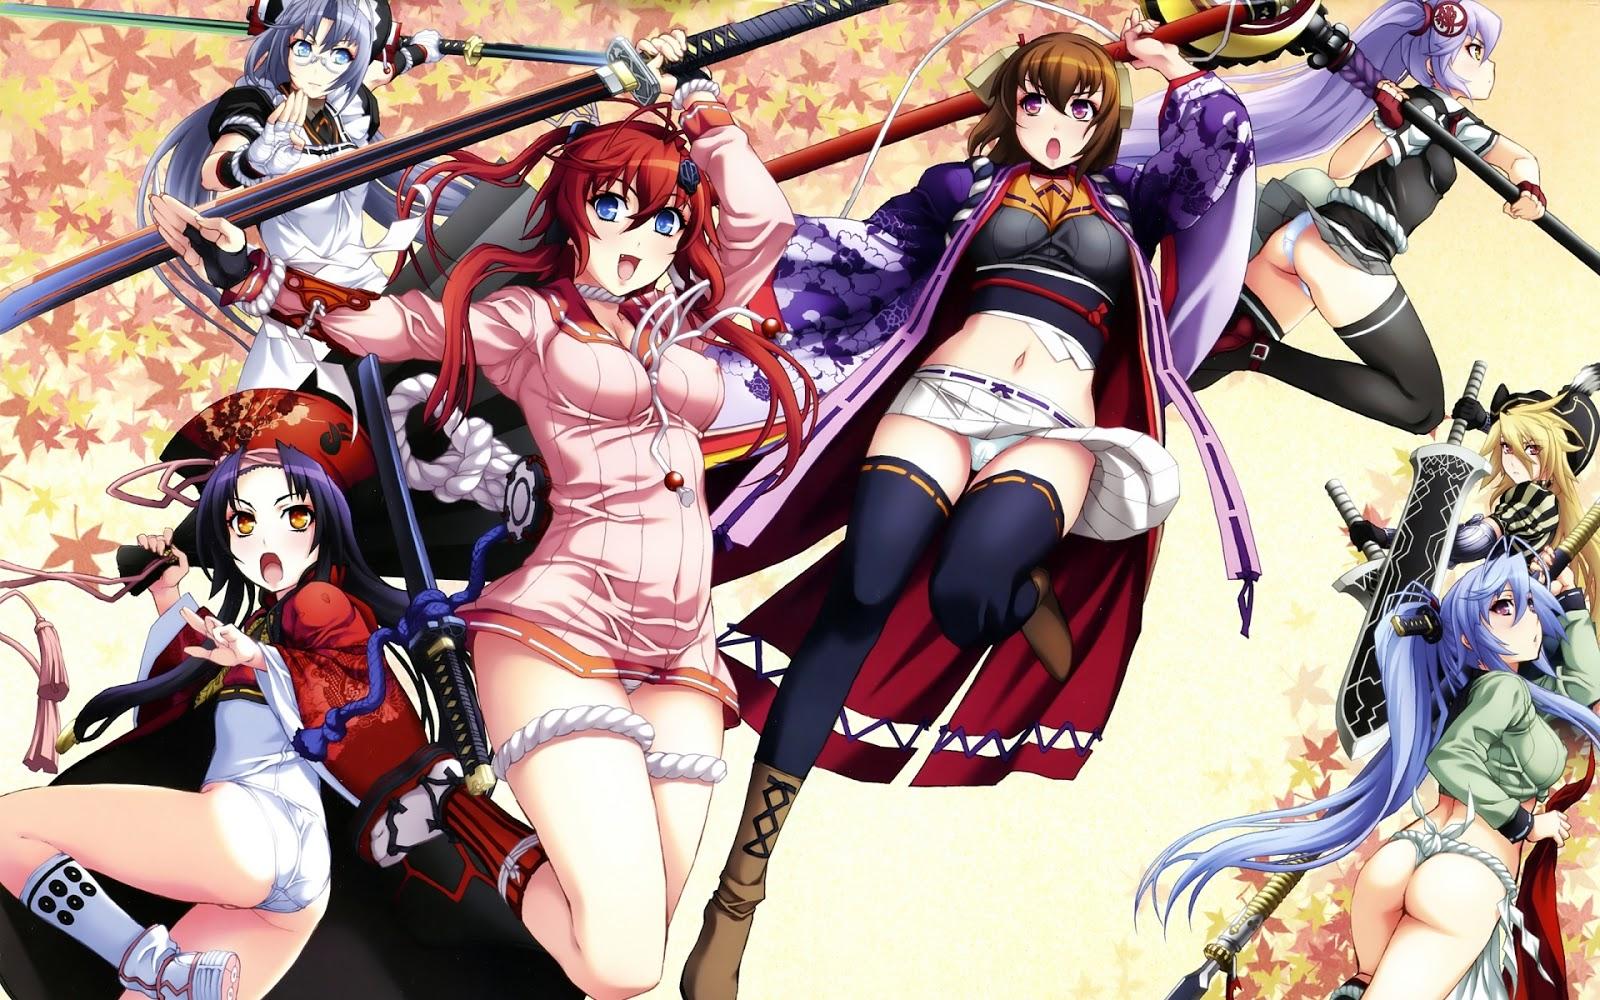 http://3.bp.blogspot.com/-mZM-cLa-HT4/UWlvYyq3VGI/AAAAAAAALMU/Rpp3ASGWvEs/s1600/Hyakka_Ryouran_Samurai_Girls_Wallpaper_1920x1200_wallpaperhere+(1).jpg